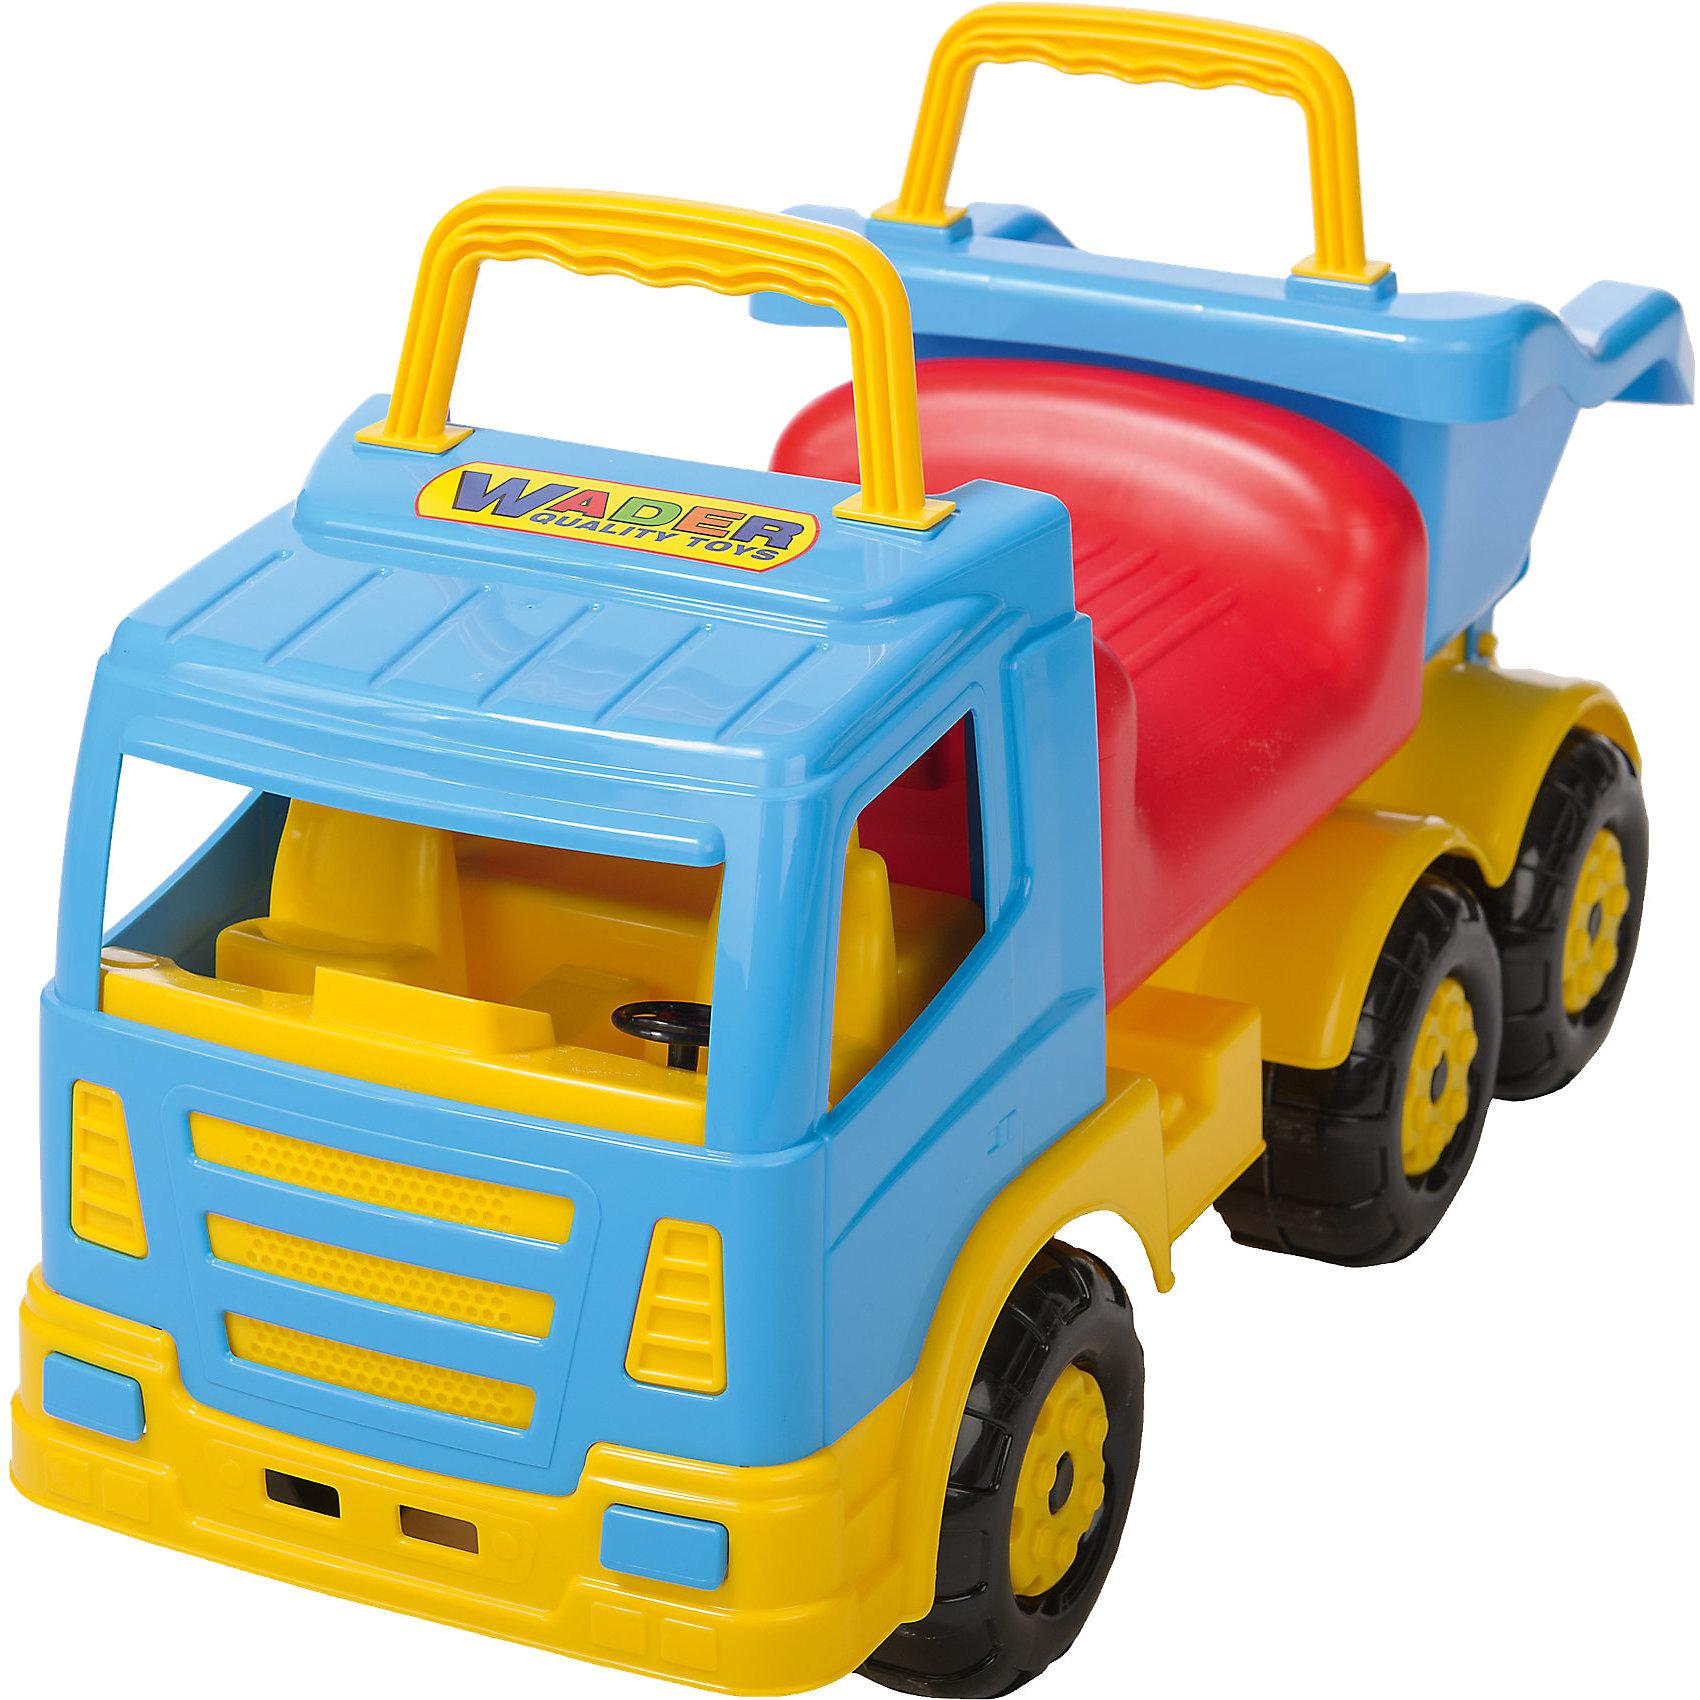 Автомобиль-каталка Премиум-2, ПолесьеМашинки-каталки<br>На автомобиль-каталку ребенок садится верхом на каталку и, держась за ручку на кабине, отталкивается ножками. Широкая посадка и такое катание развивает первоначальные движения и общую координацию движений, способствует физическому развитию детей. Каталка предназначена для маленьких деток, так как вместо руля - ручка, и основная нагрузка попадает именно на ножки, как рекомендуют педиатры. Держась за ручку на кузове, малыш может толкать машину перед собой, тем самым совершенствовать навыки ходьбы.<br><br>Ширина мм: 710<br>Глубина мм: 278<br>Высота мм: 328<br>Вес г: 2315<br>Возраст от месяцев: 12<br>Возраст до месяцев: 48<br>Пол: Мужской<br>Возраст: Детский<br>SKU: 1978147